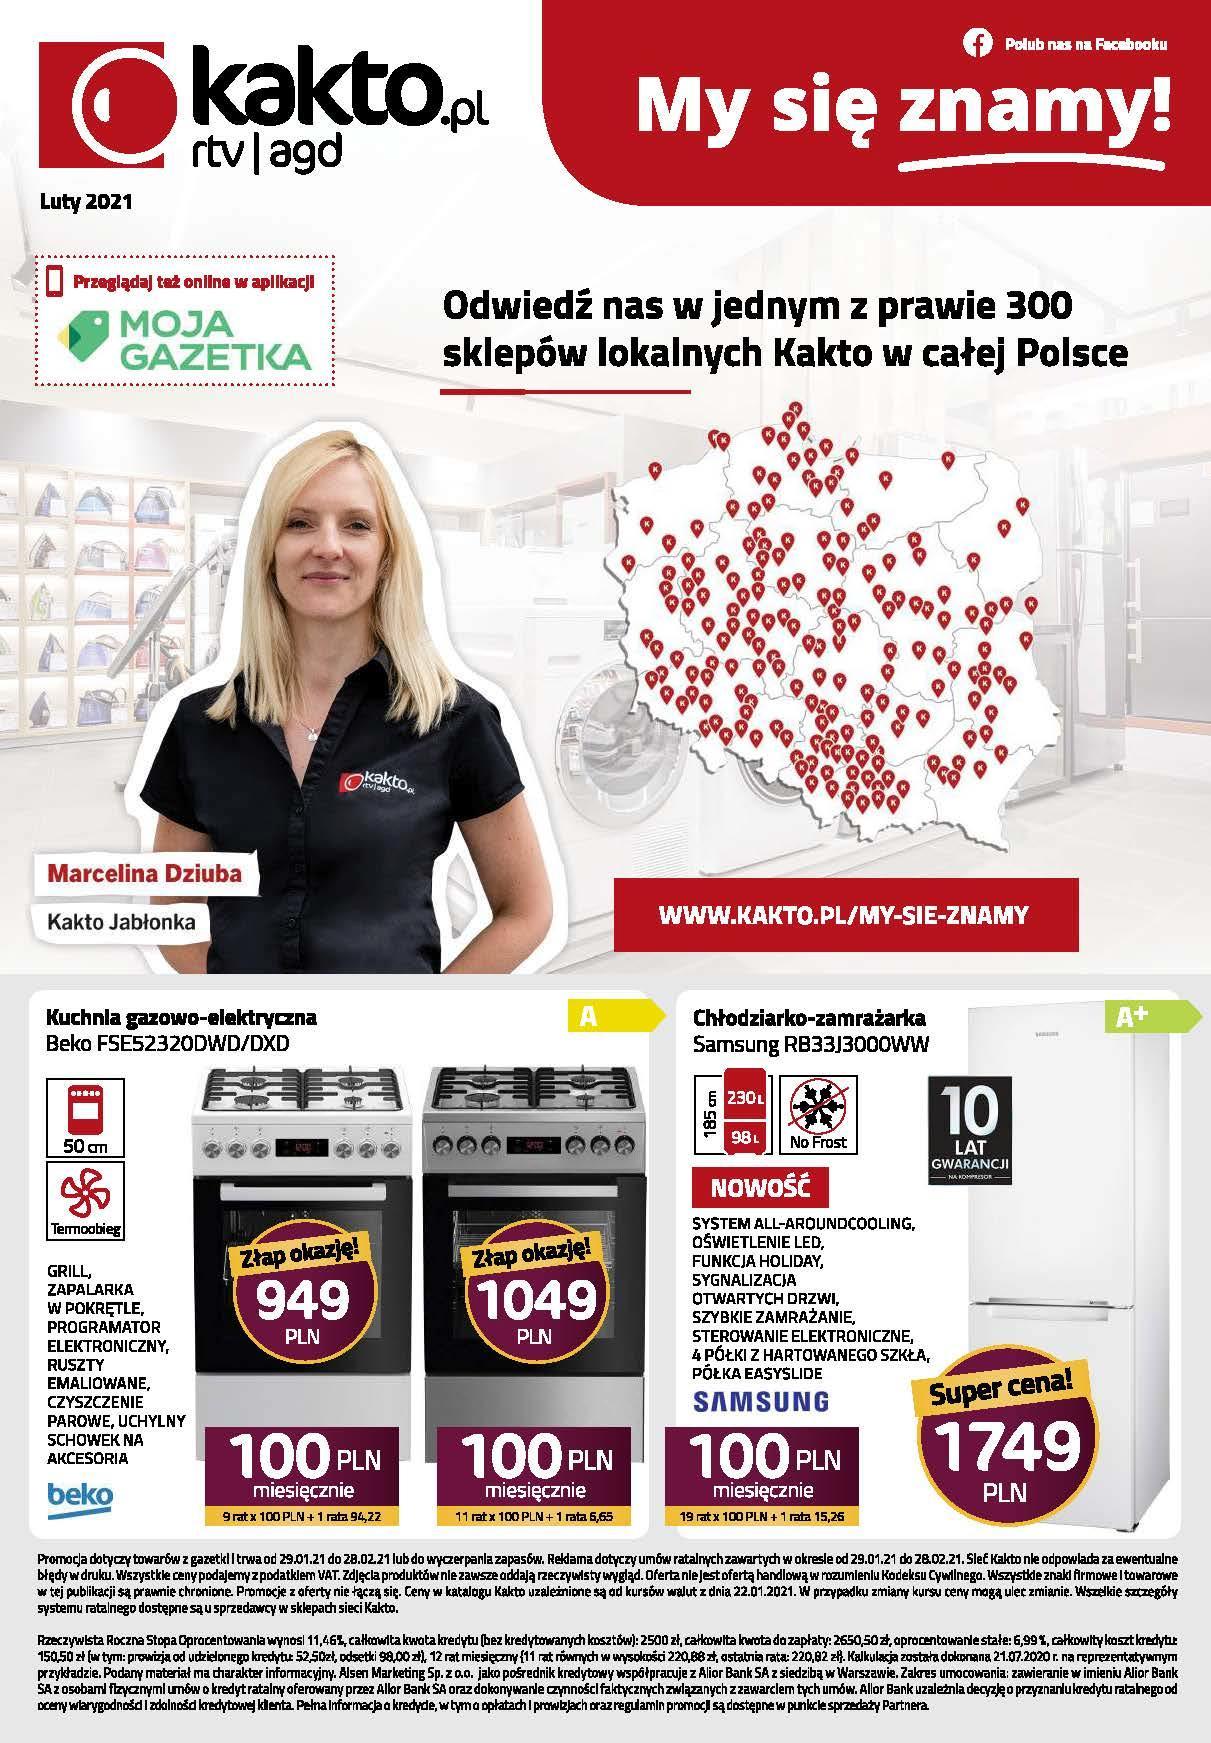 Gazetka promocyjna Kakto.pl do 28/02/2021 str.3